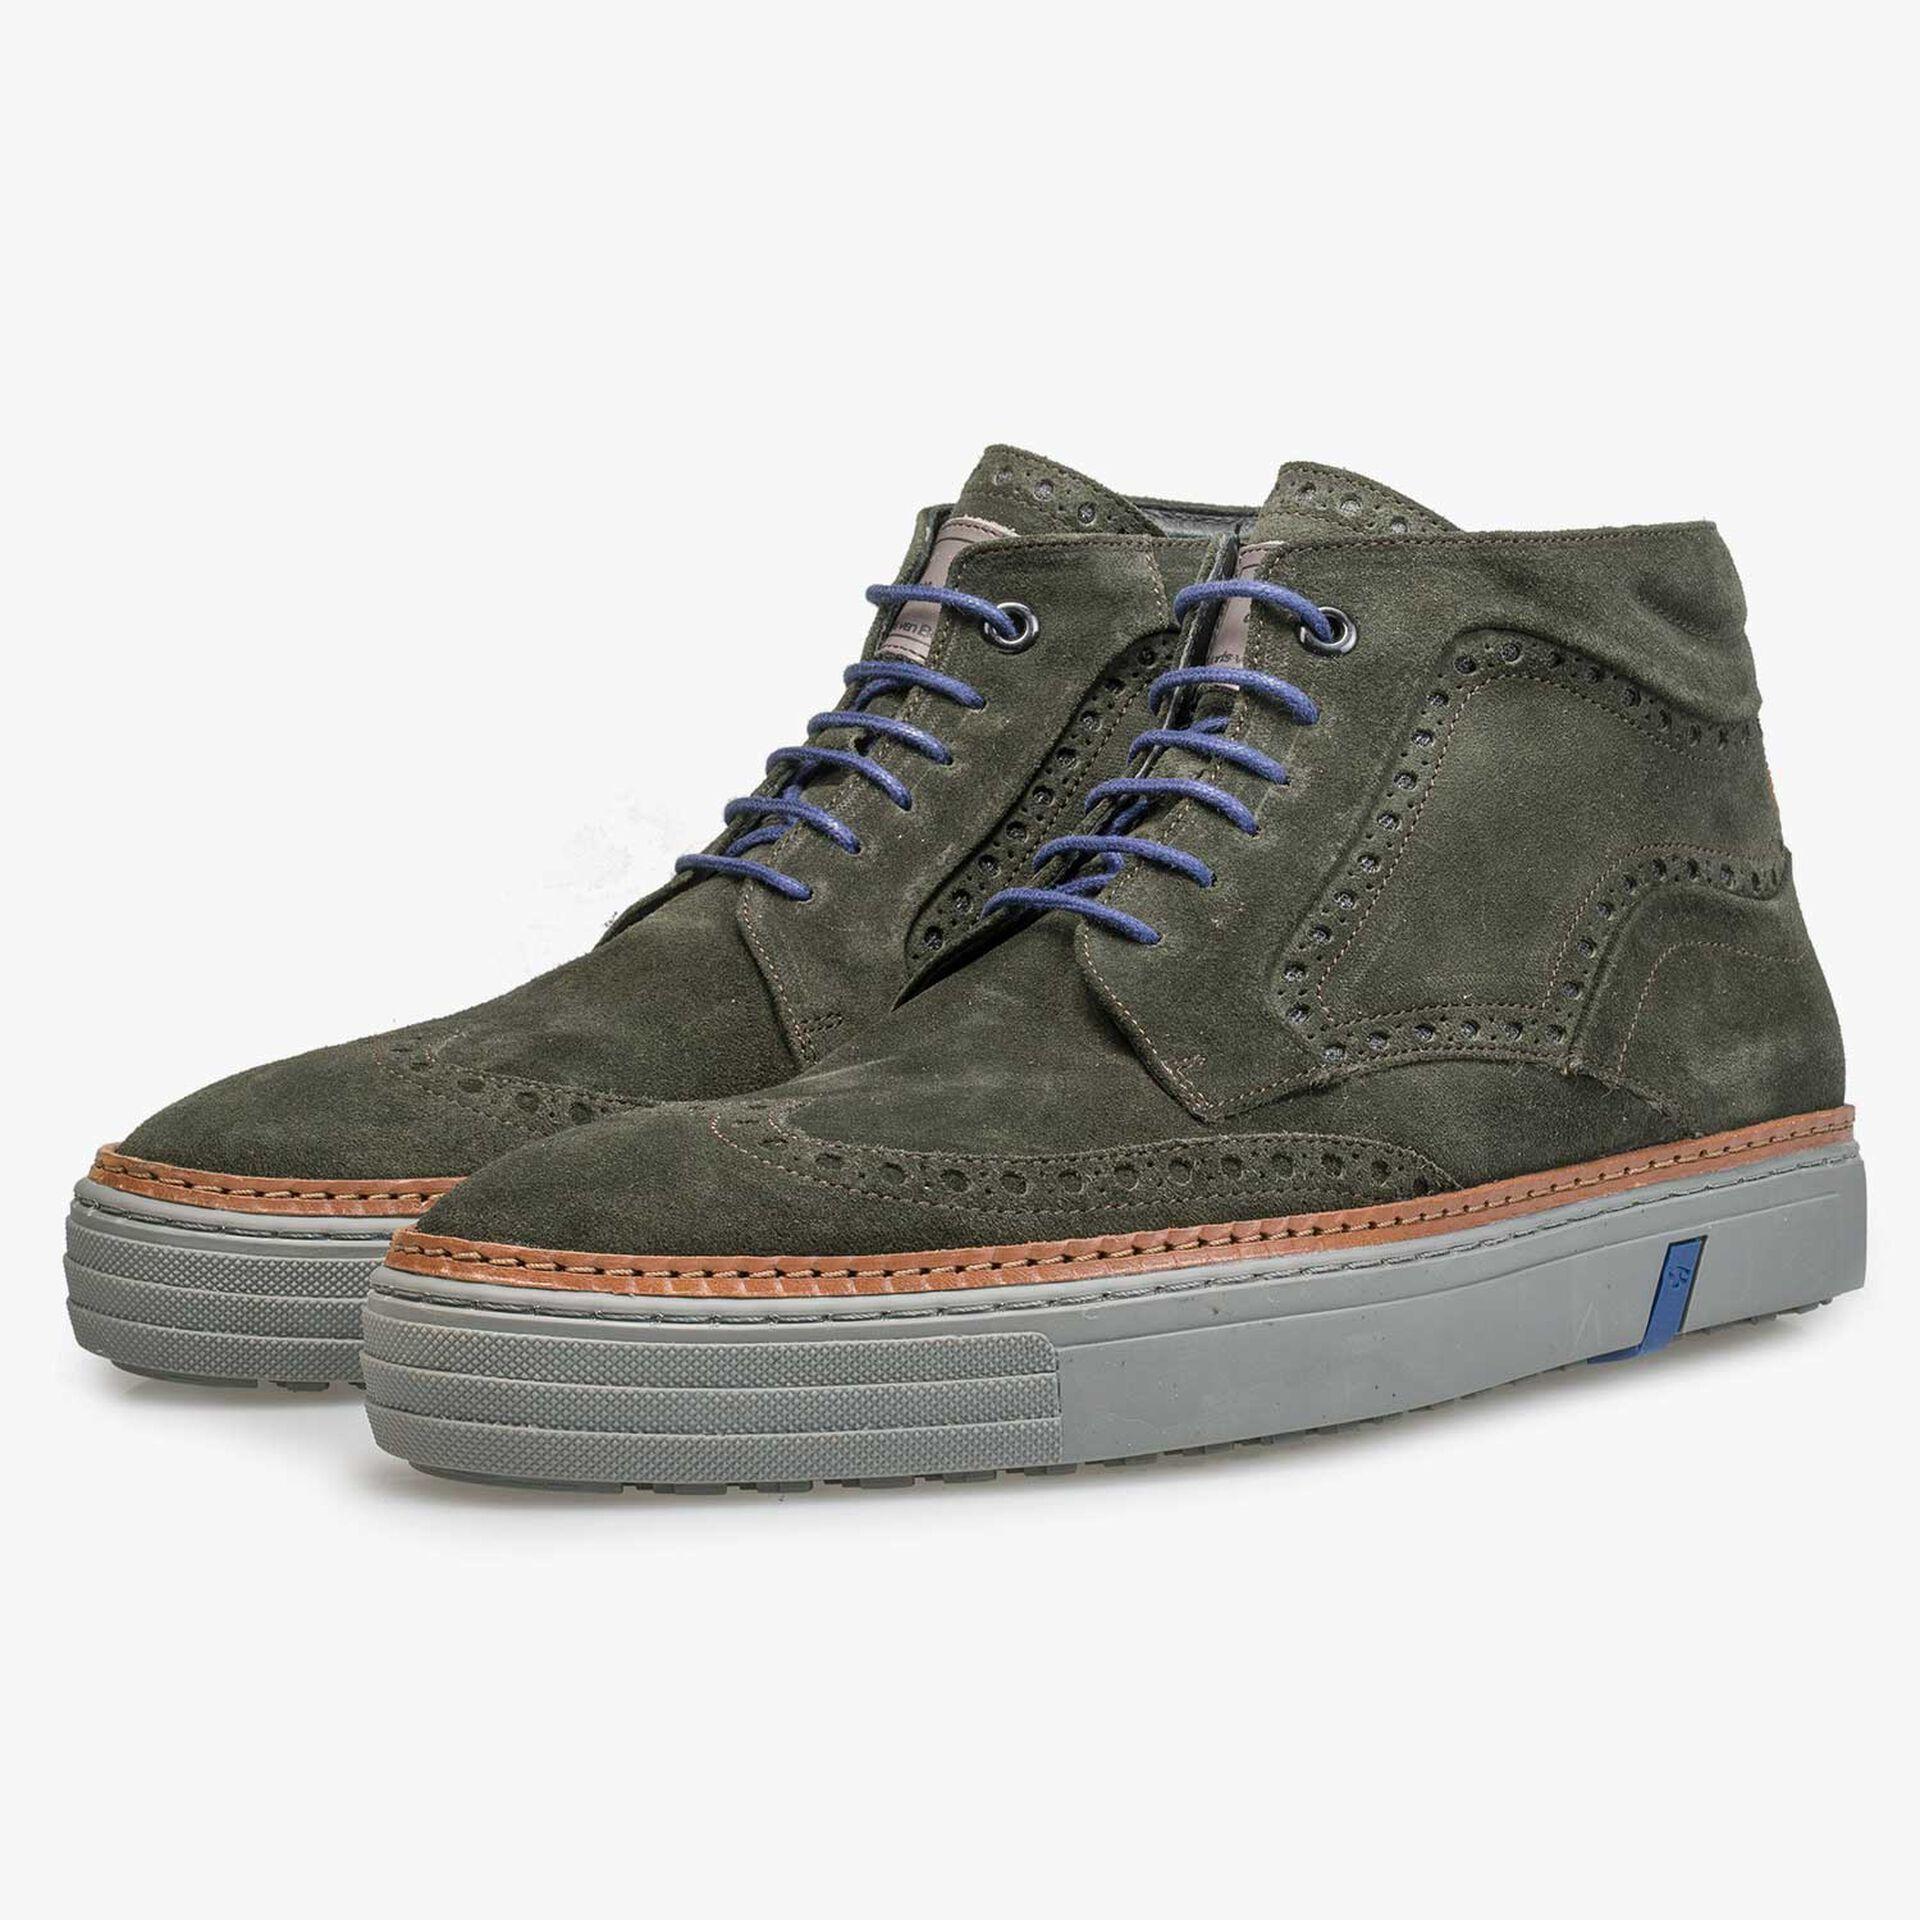 Halbhoher olivgrüner Sneaker mit Brogue-Lochmuster